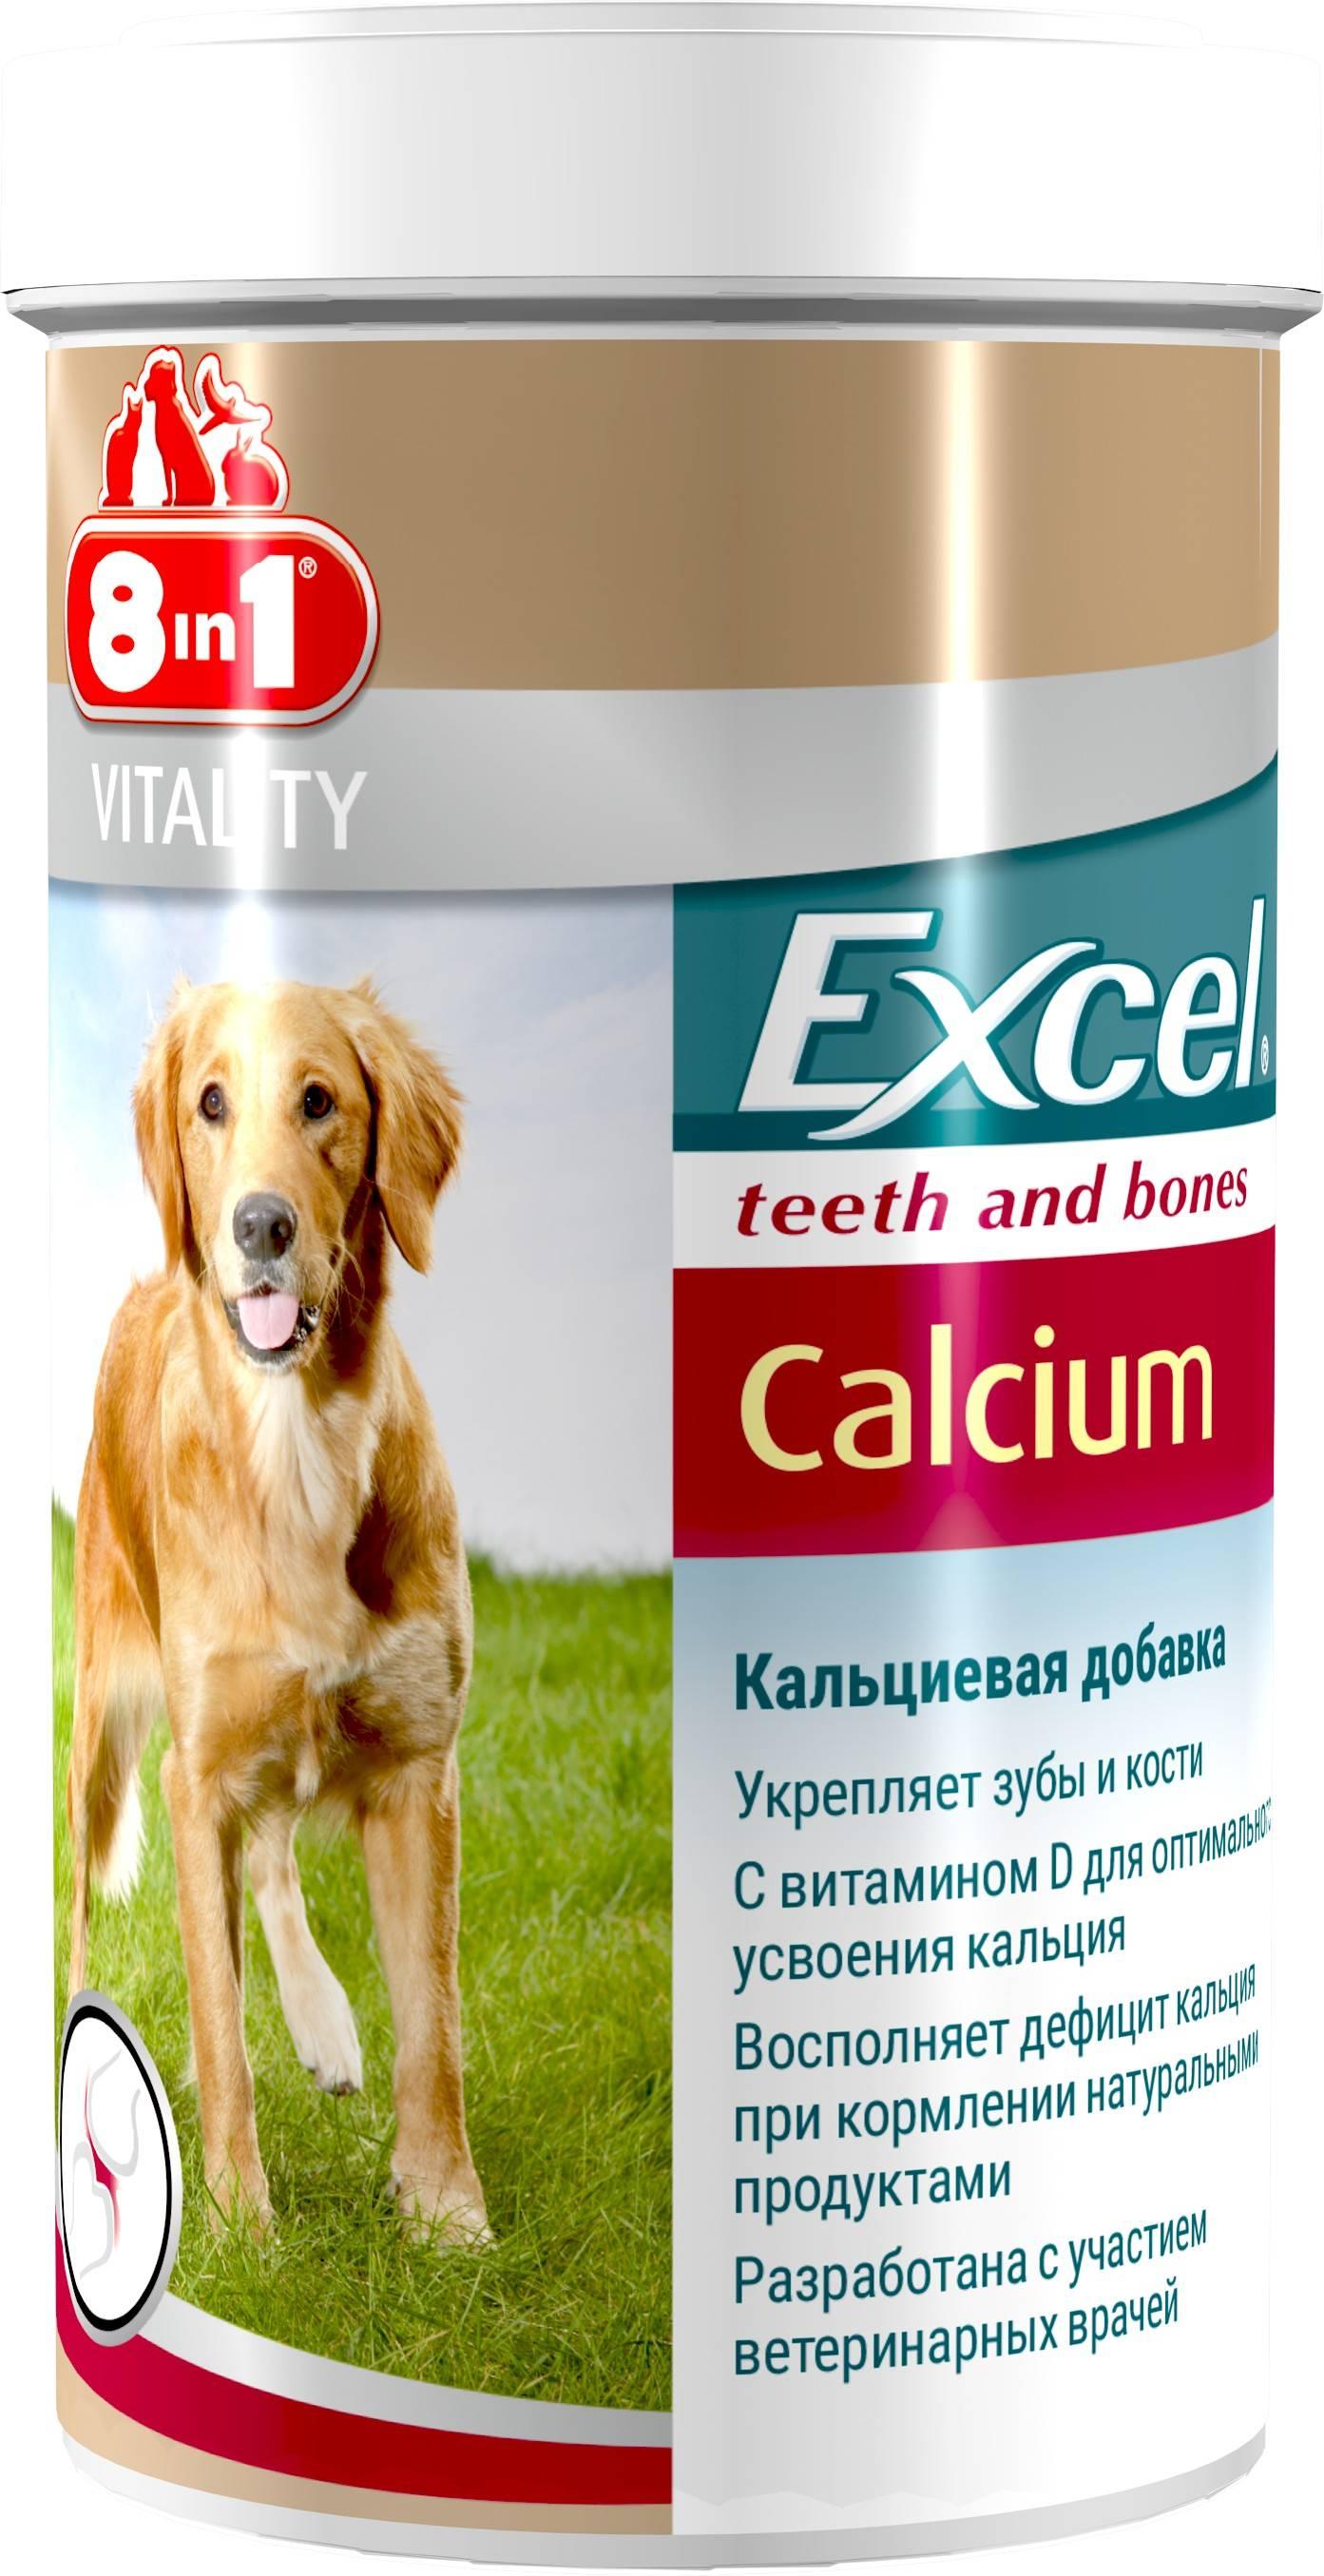 8in1 Calcium – кальцієва добавка для цуценят і дорослих собак